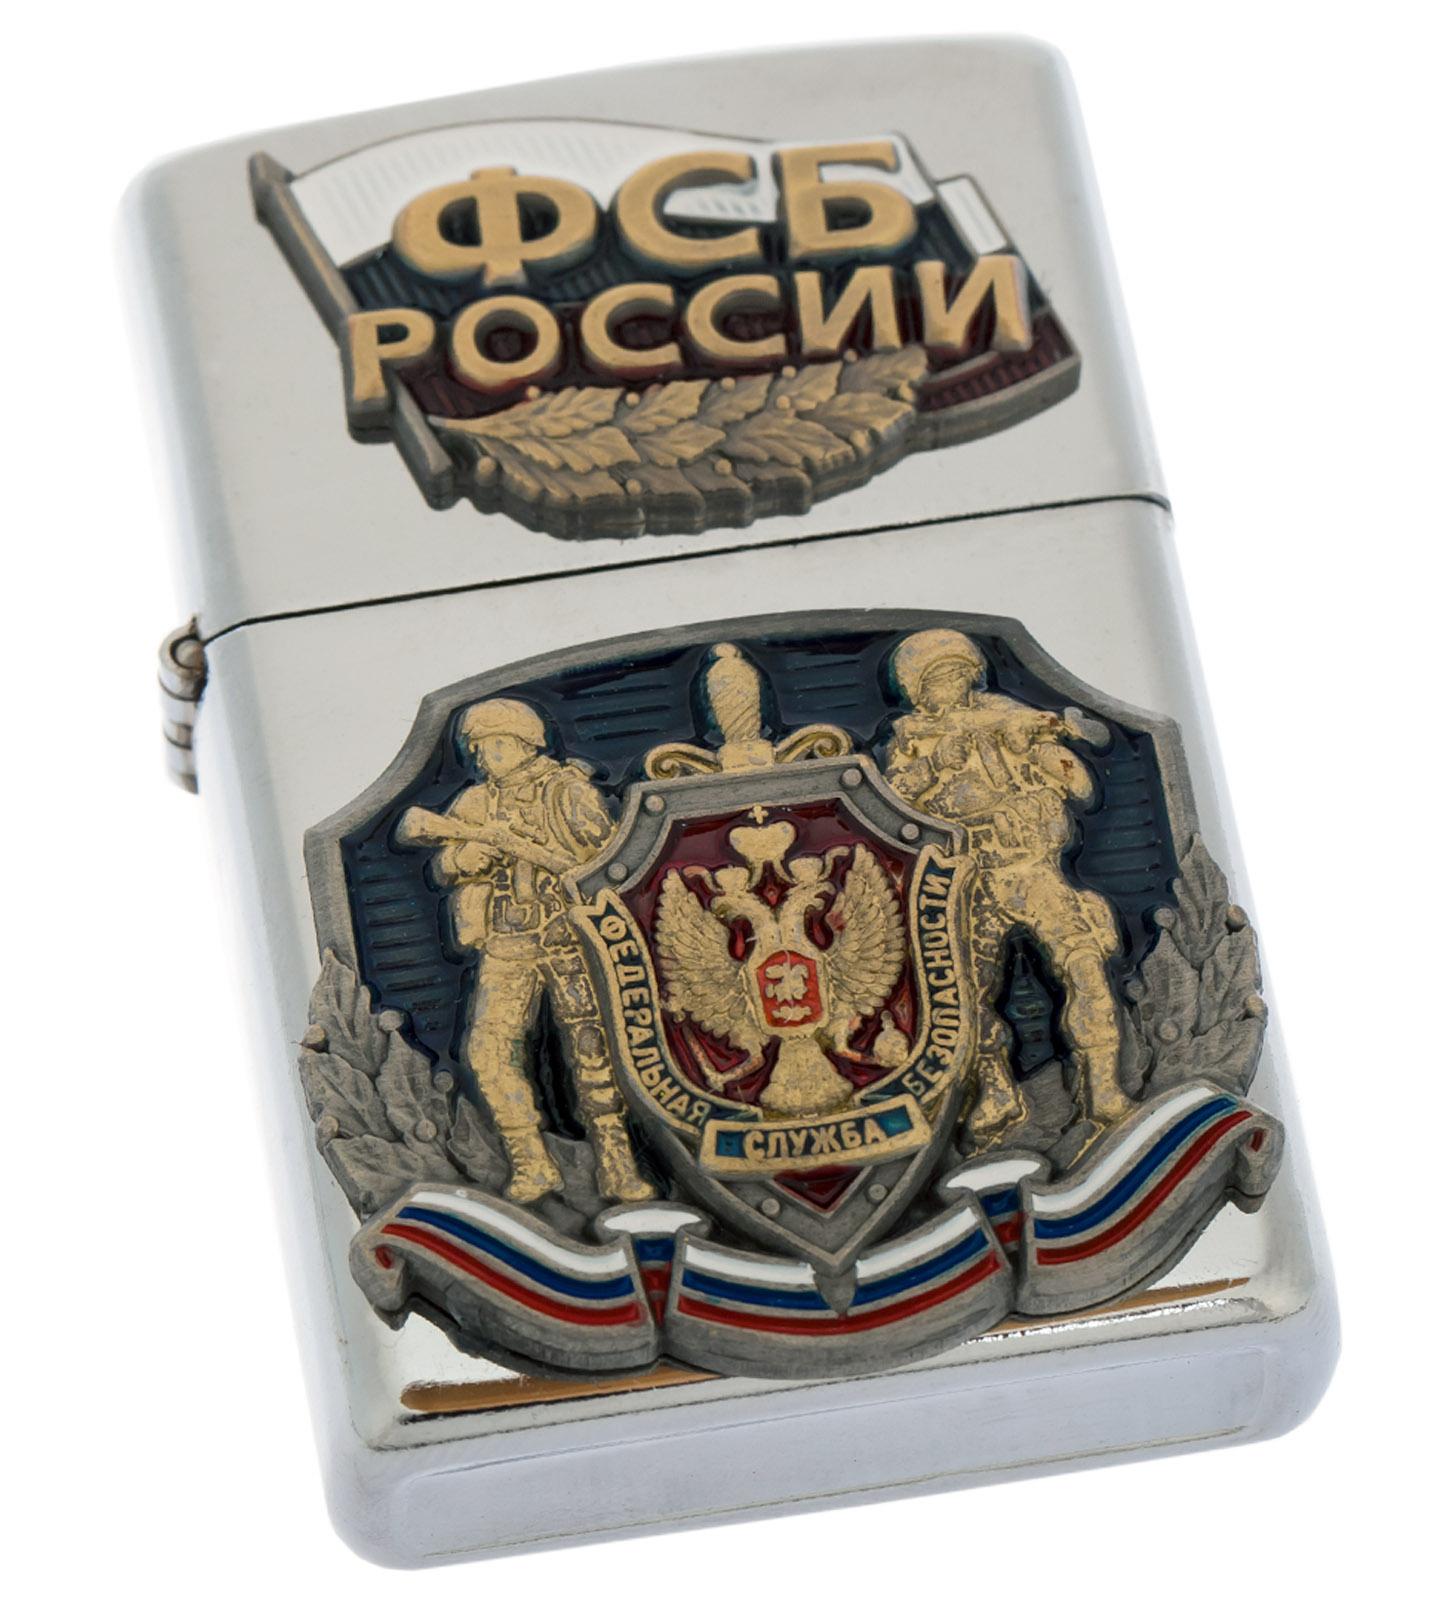 """Эксклюзивная зажигалка """"ФСБ России"""" от Военпро"""